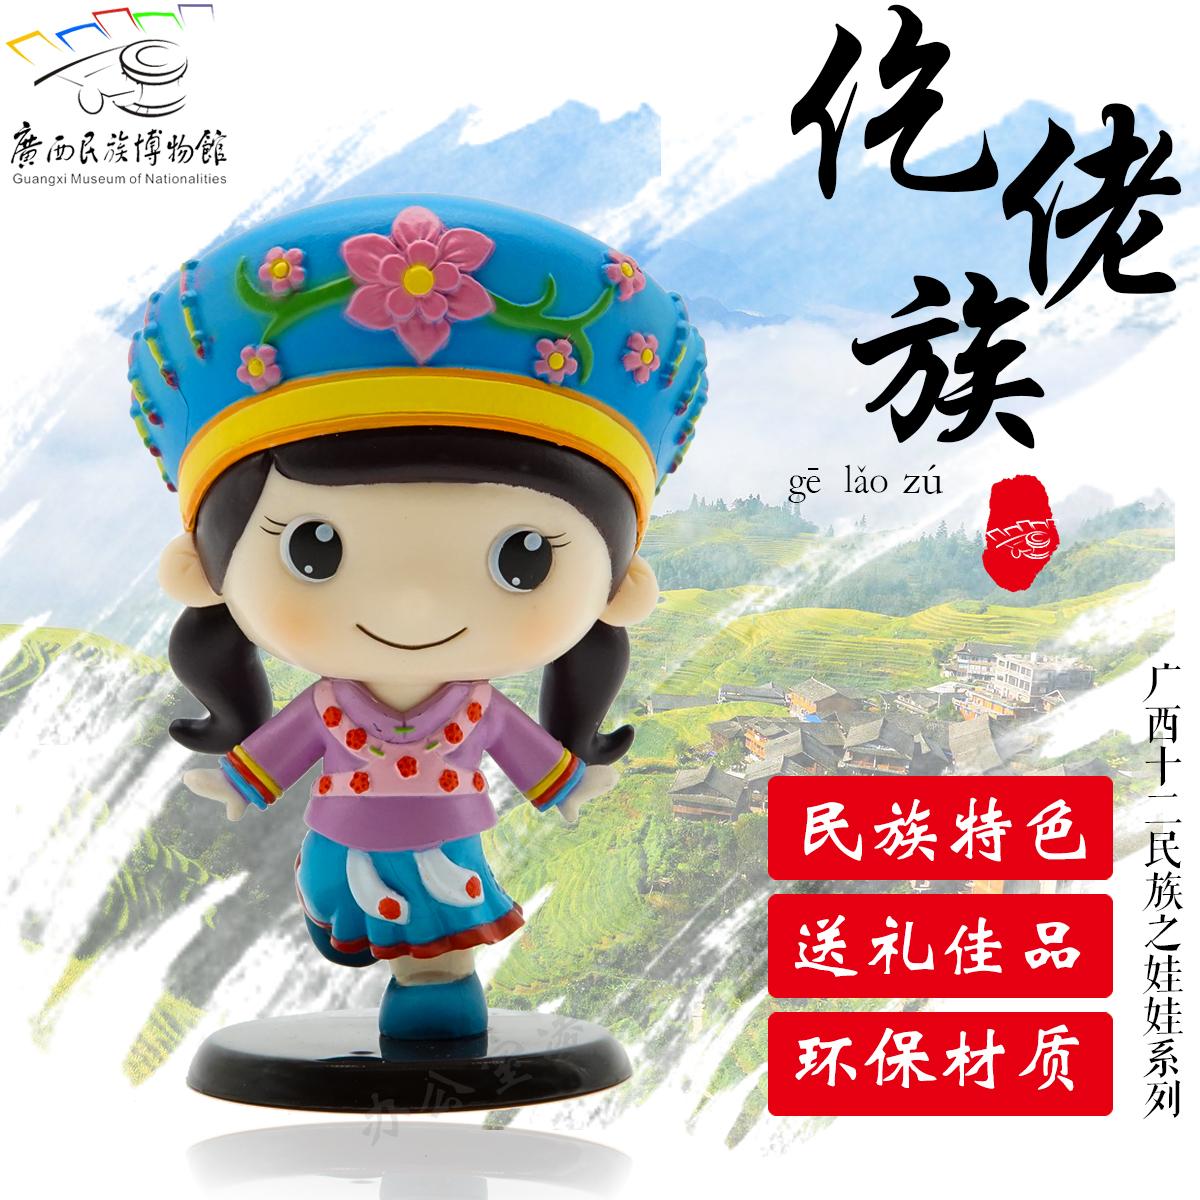 Guangxi National Museum